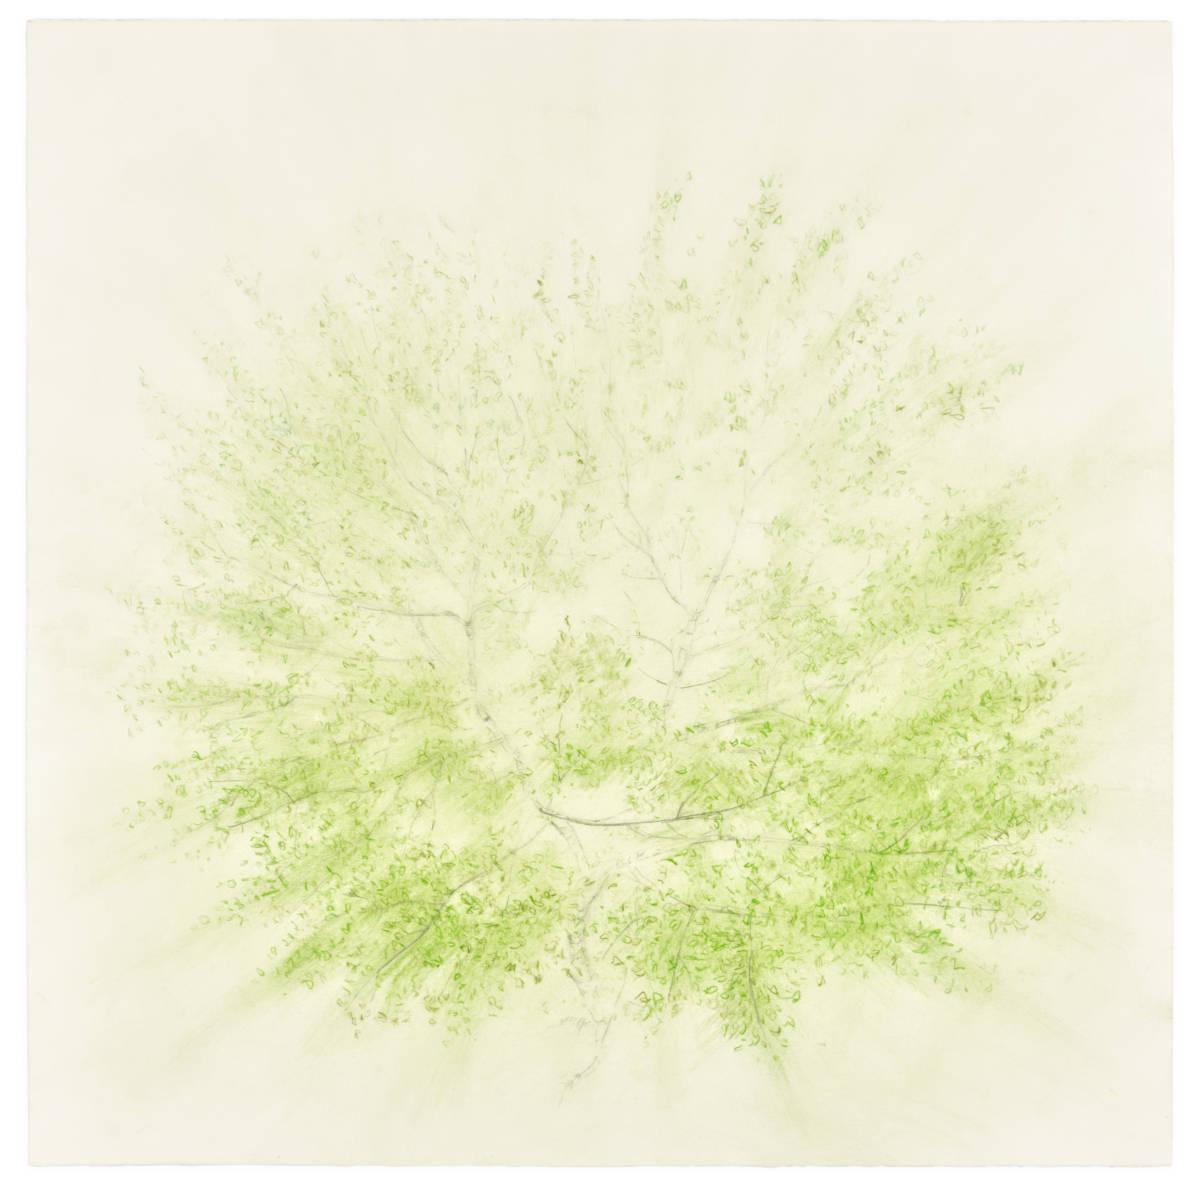 Breathe, 2020, coloured pencil & graphite on paper, 56 x 56cm